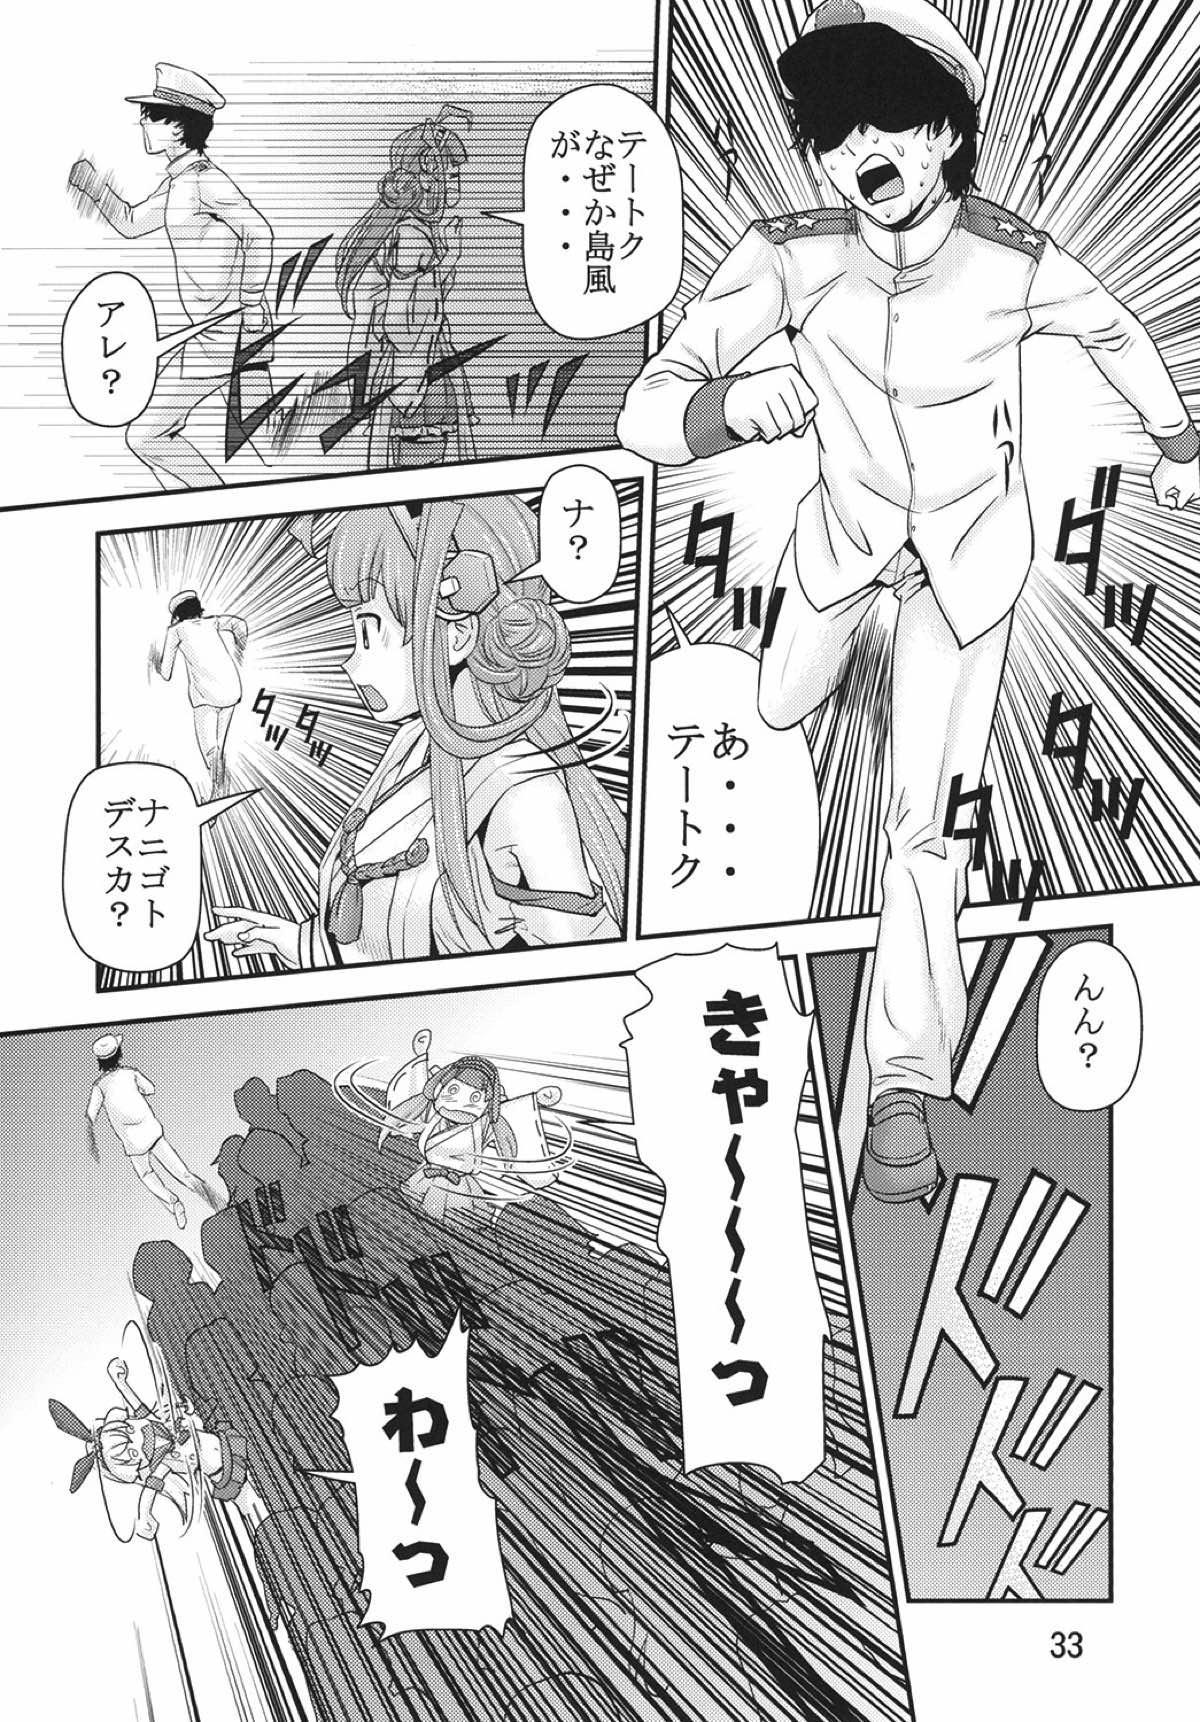 KanColle Yuugi 31